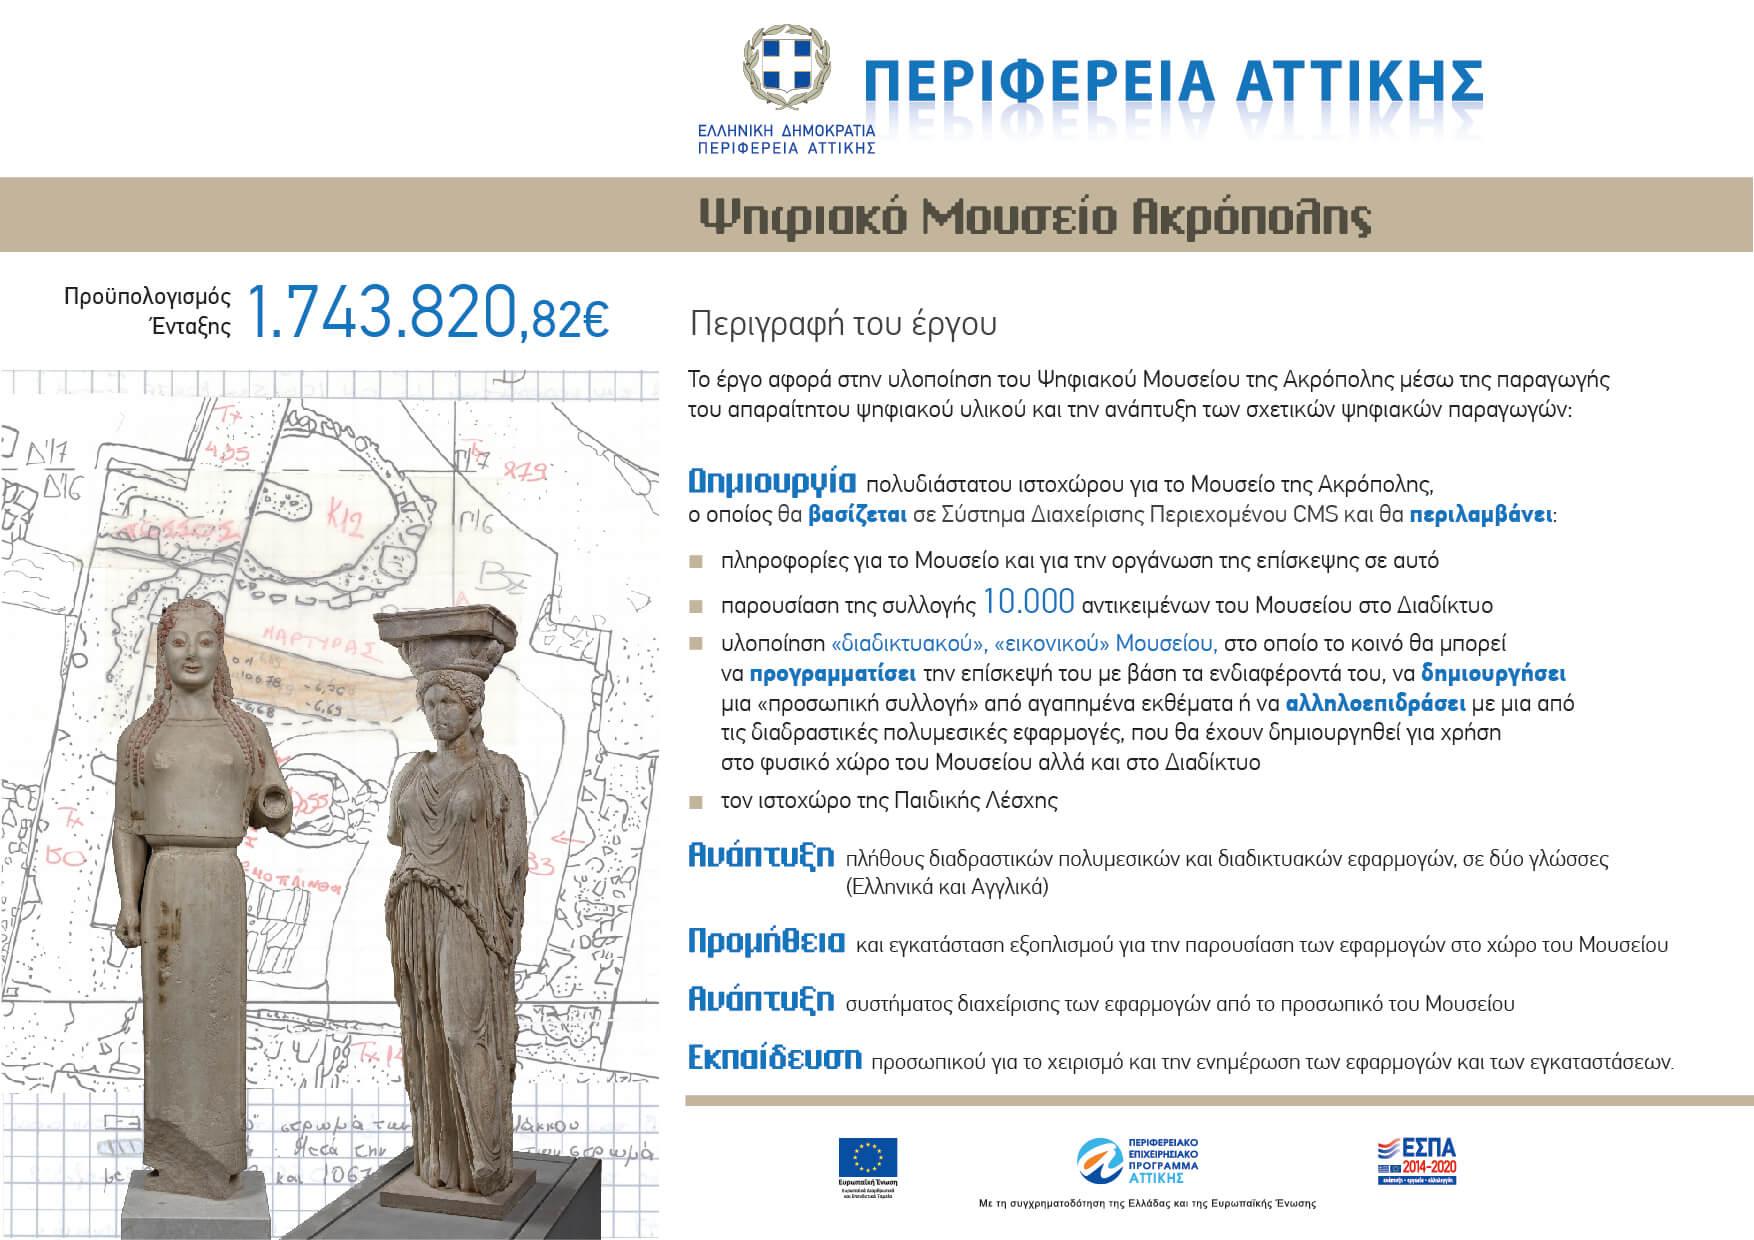 Με την αξιοποίηση πόρων του ΠΕΠ «Αττική 2014-2020» ολοκληρώθηκε η δημιουργία του Ψηφιακού Μουσείου της Ακρόπολης